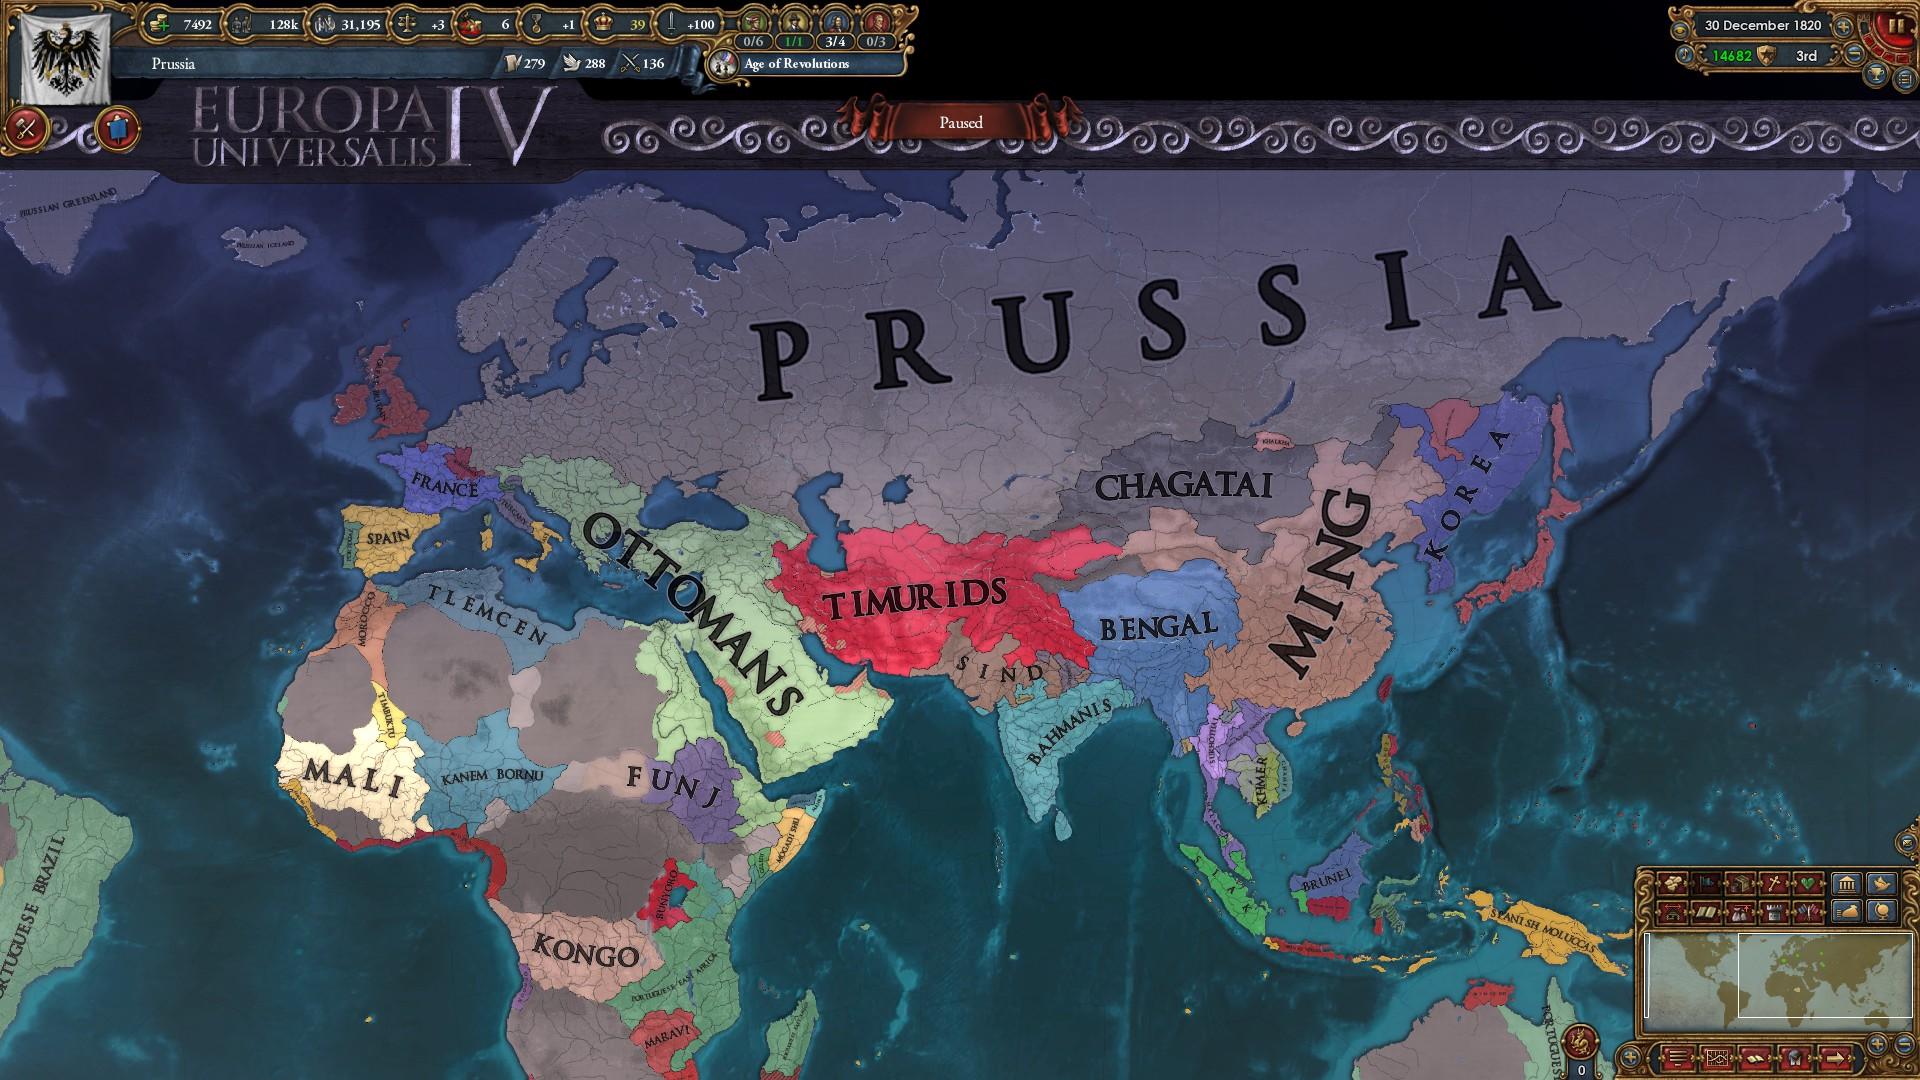 Russia Oh You Must Mean Prussia Gamingmeme